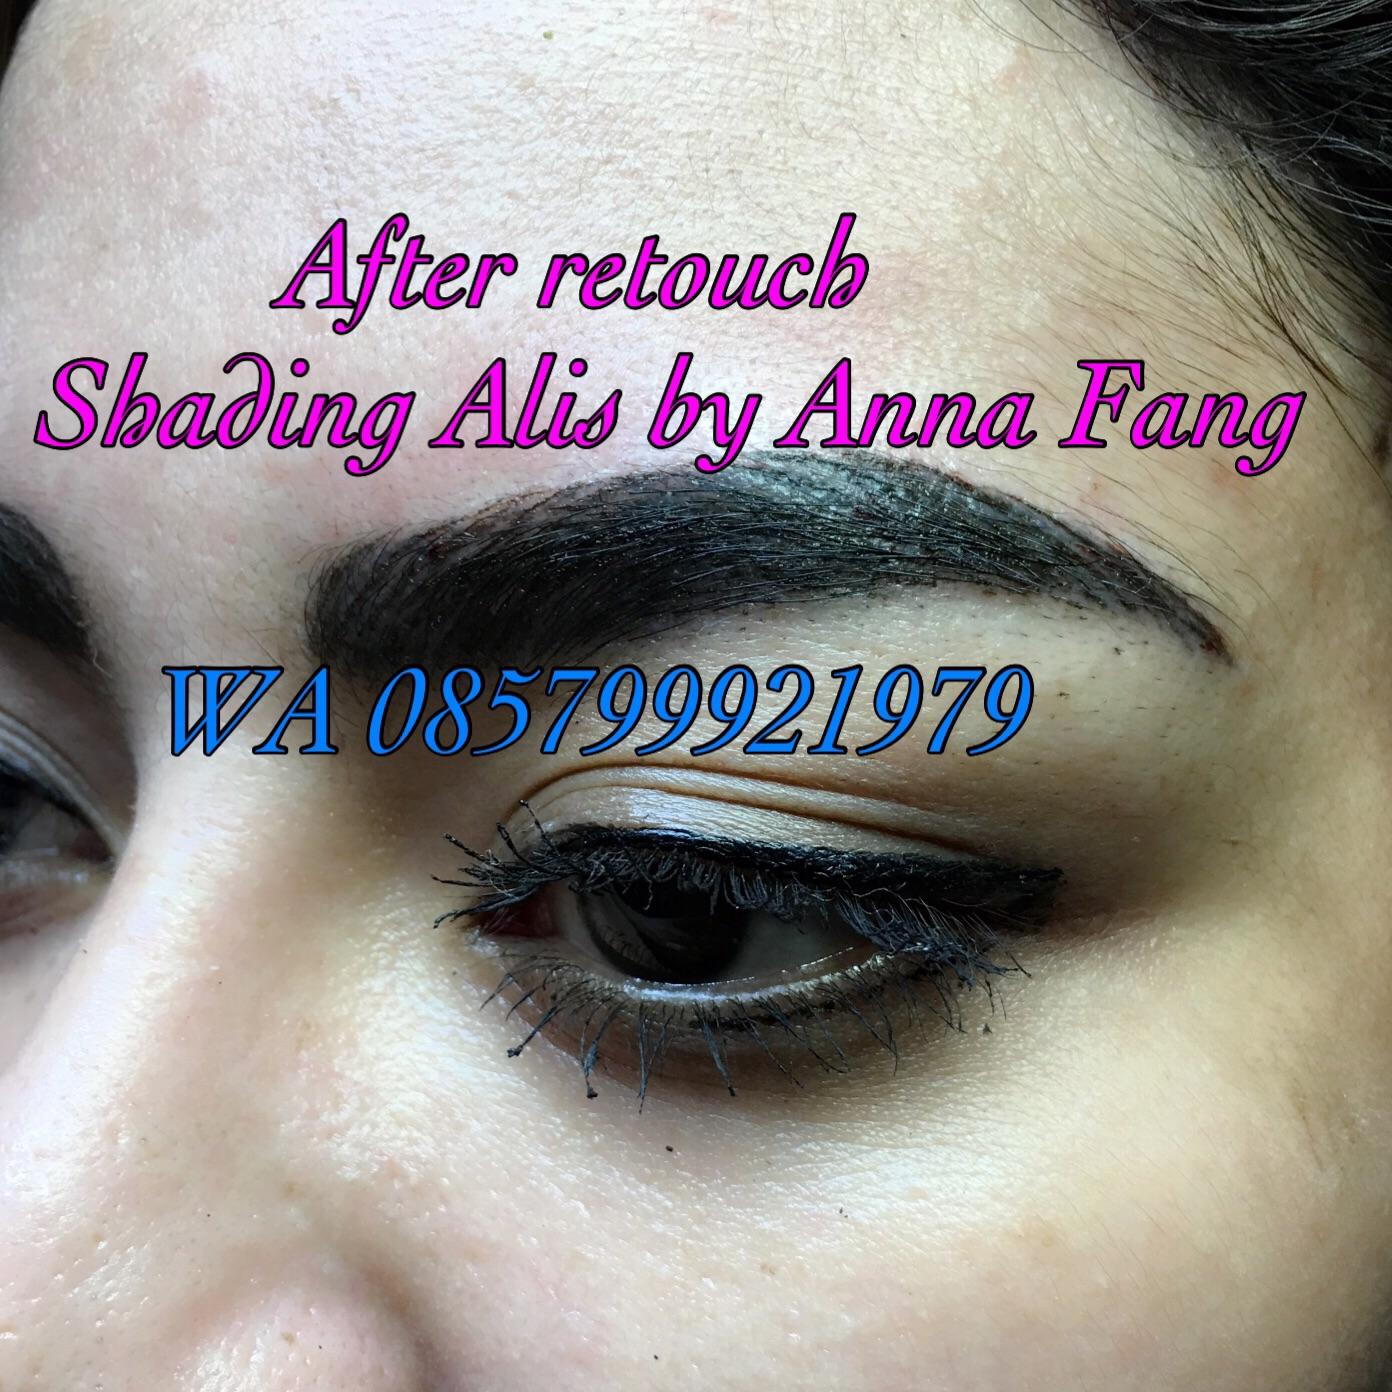 ANNA FANG Center Of Pemanent MakeUp Amp Beauty Salon Studio Metode